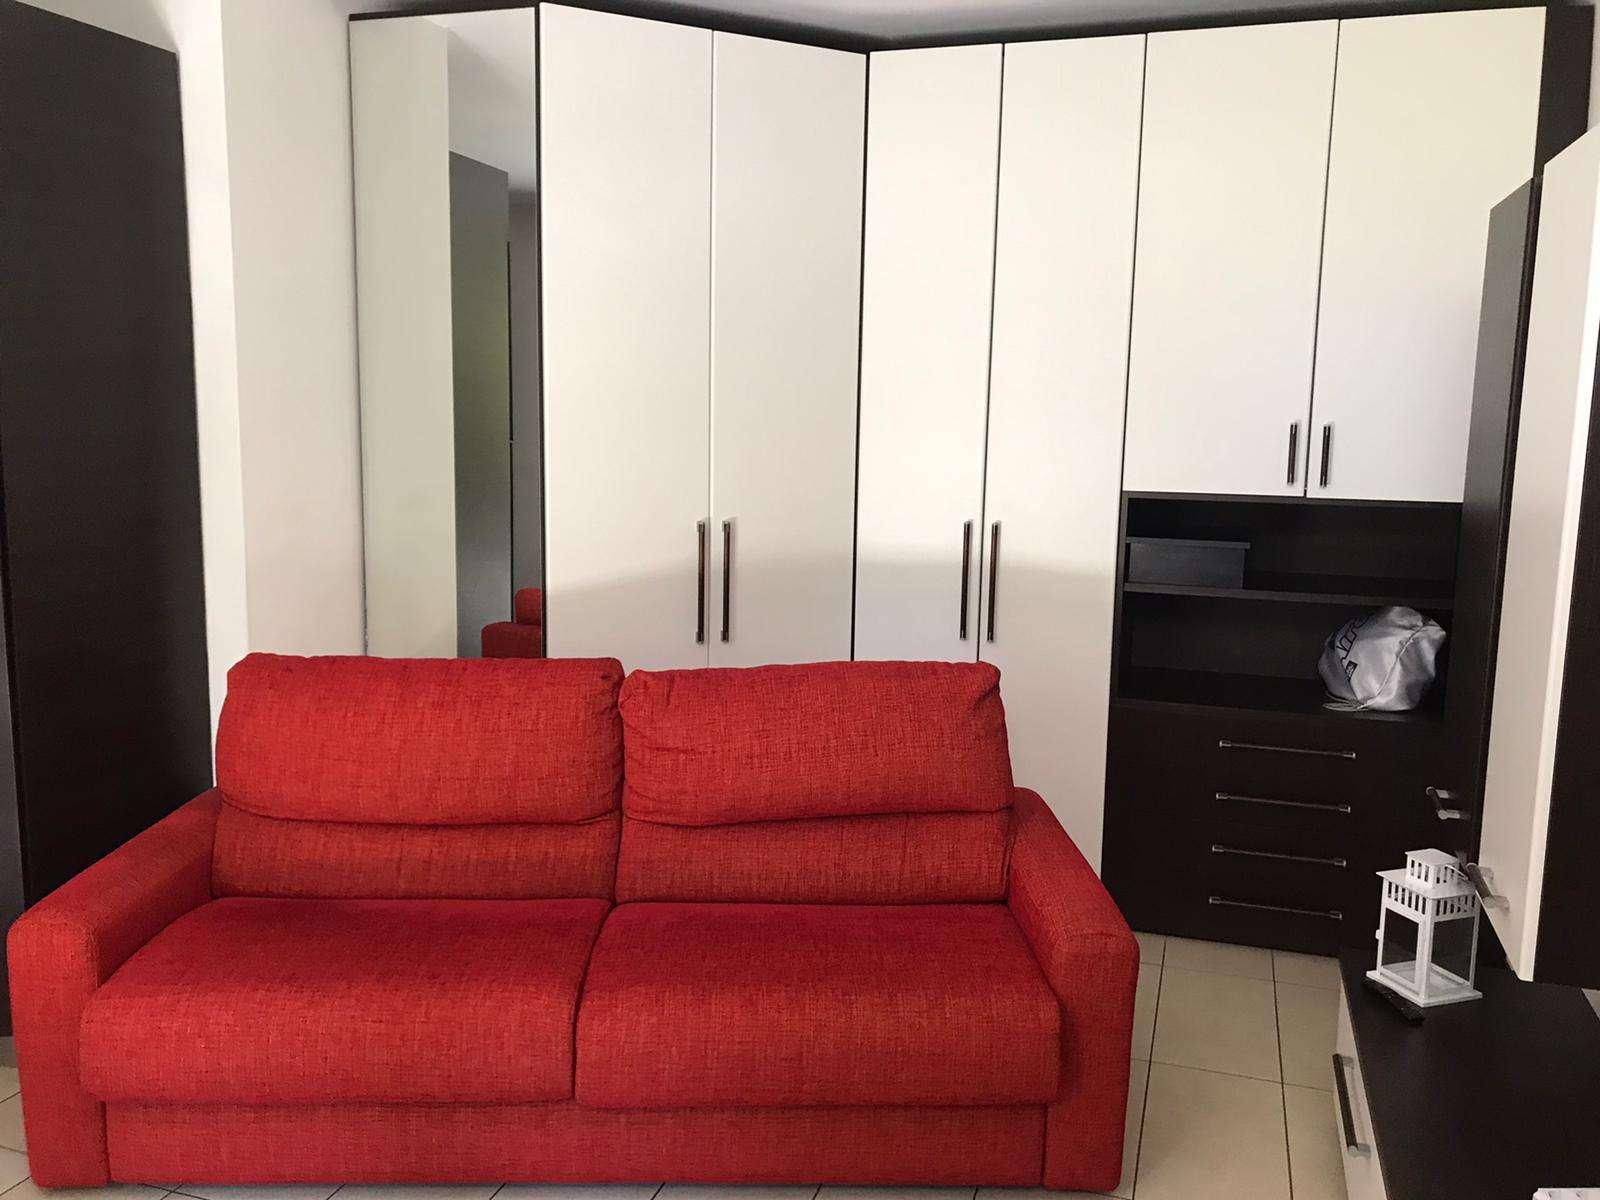 appartamento-in-vendita-a-settimo-milanese-monolocale-con-giardino-privato-1-locale-spaziourbano-immobiliare-vende-8